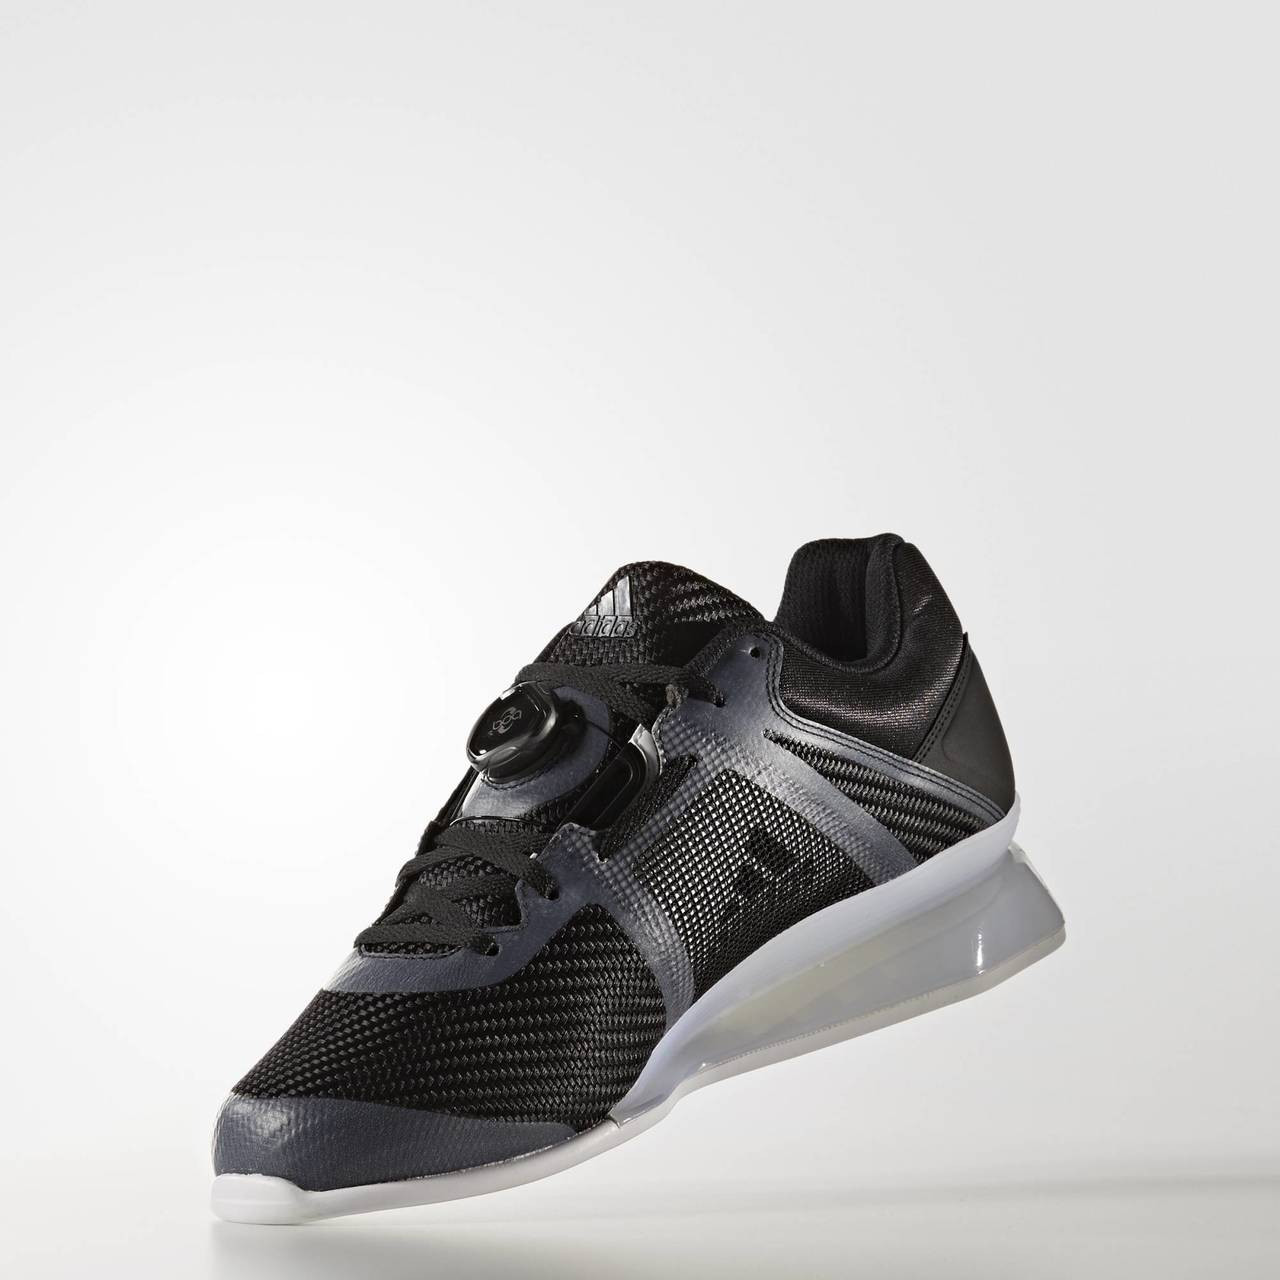 Adidas Leistung 16 II Black